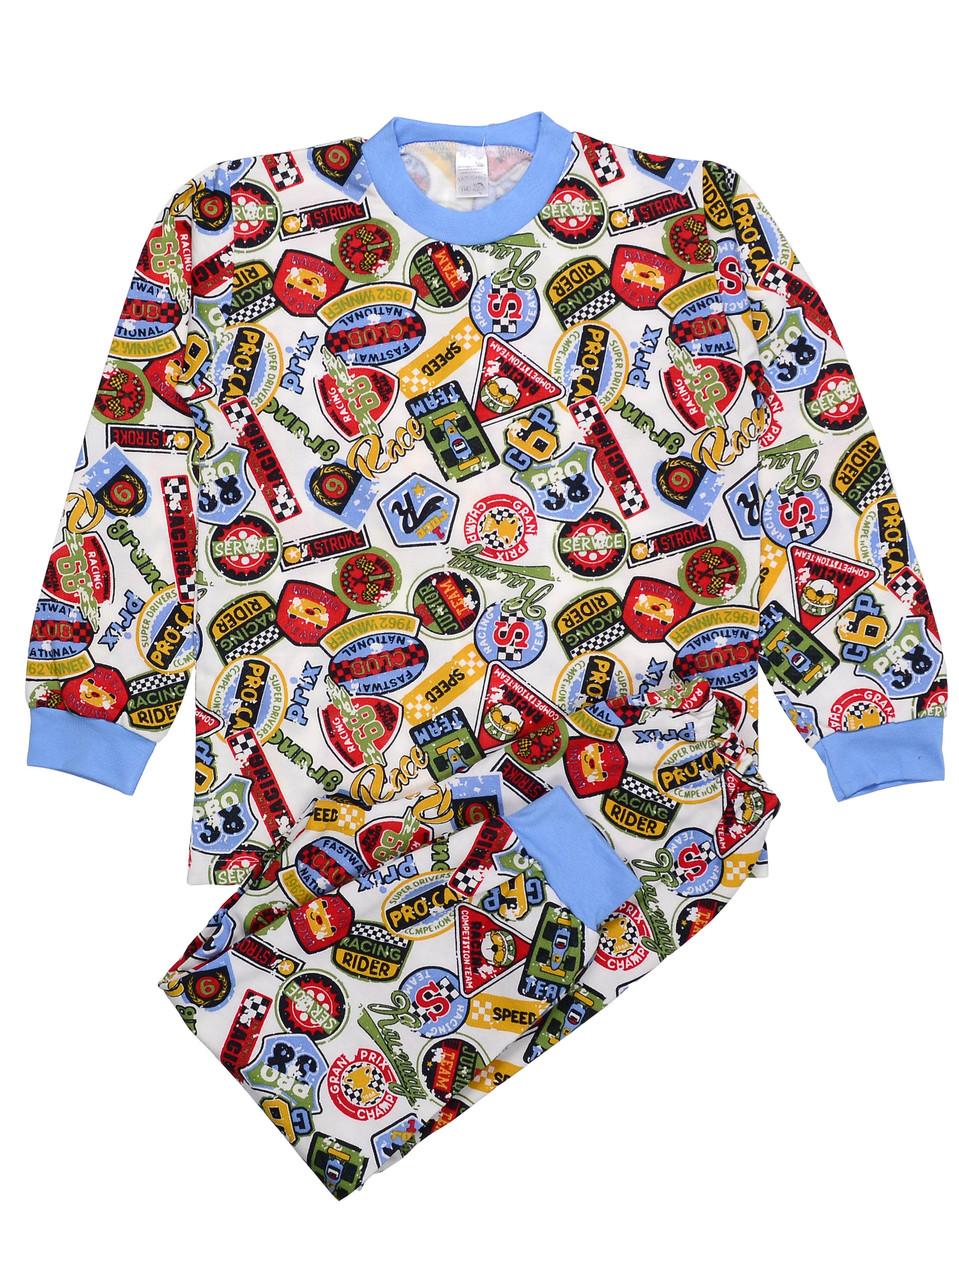 Теплая пижама детская (футер), принт дорожные знаки